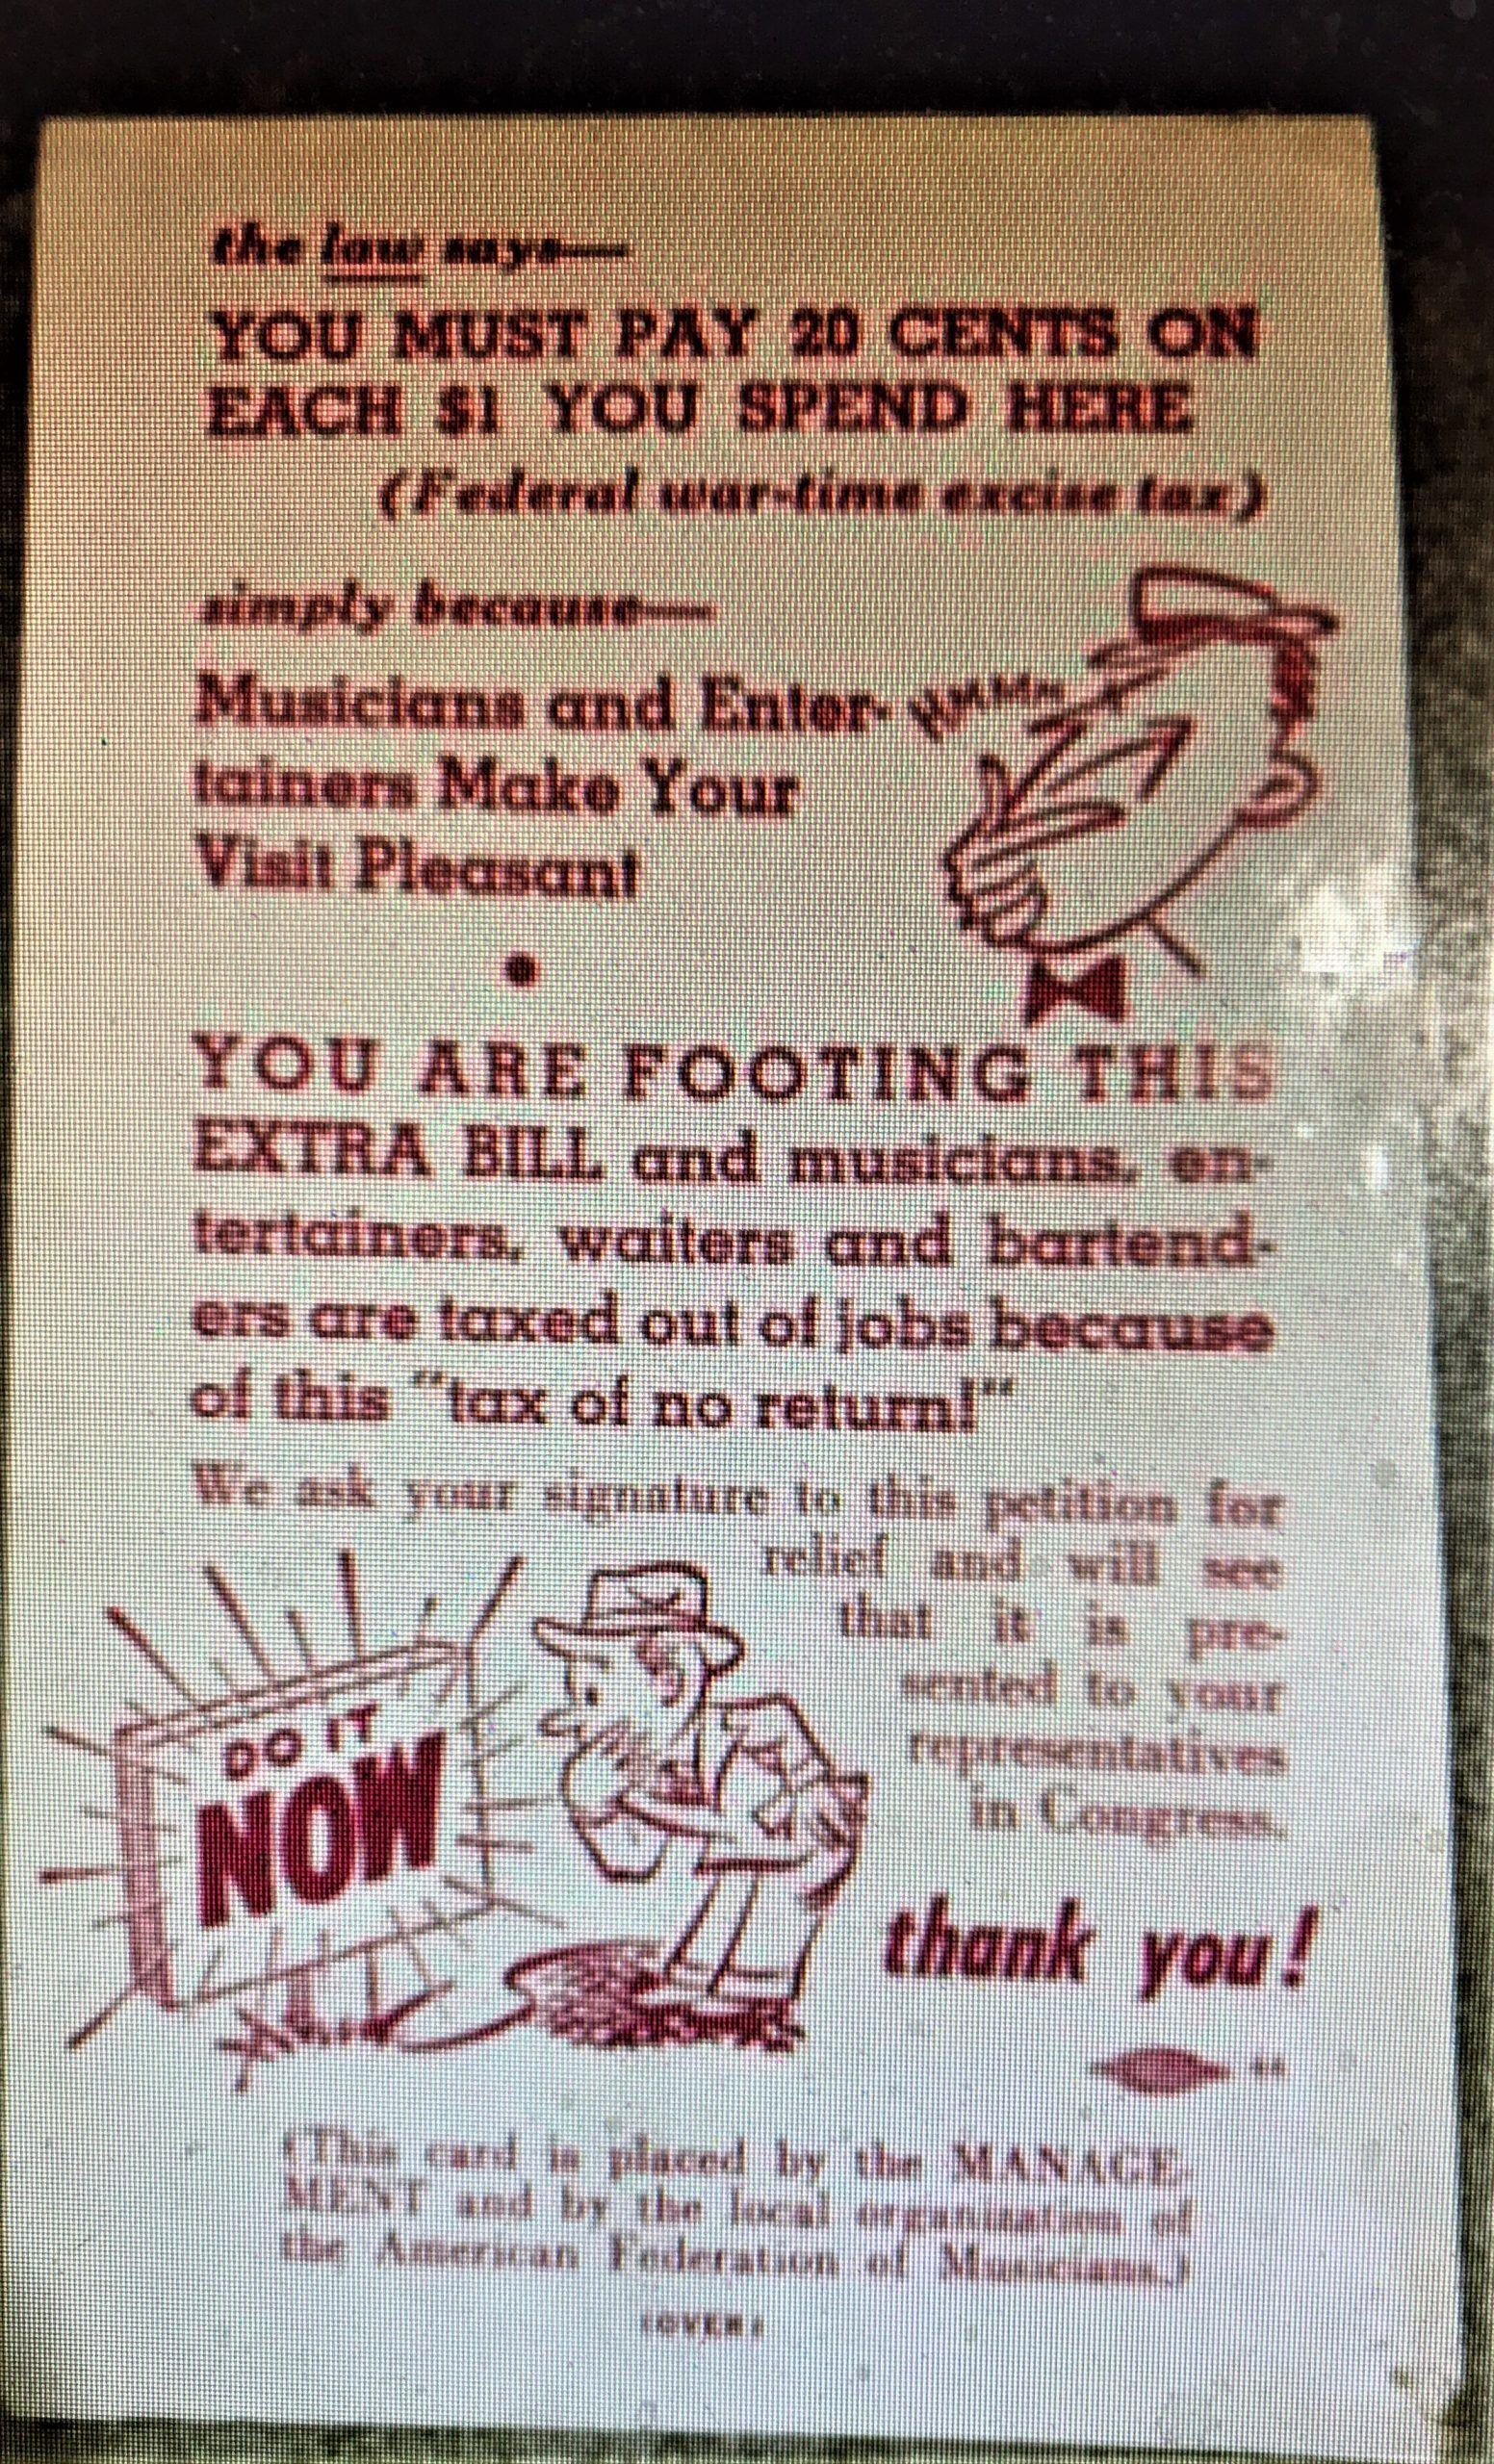 Cabaret Tax Card